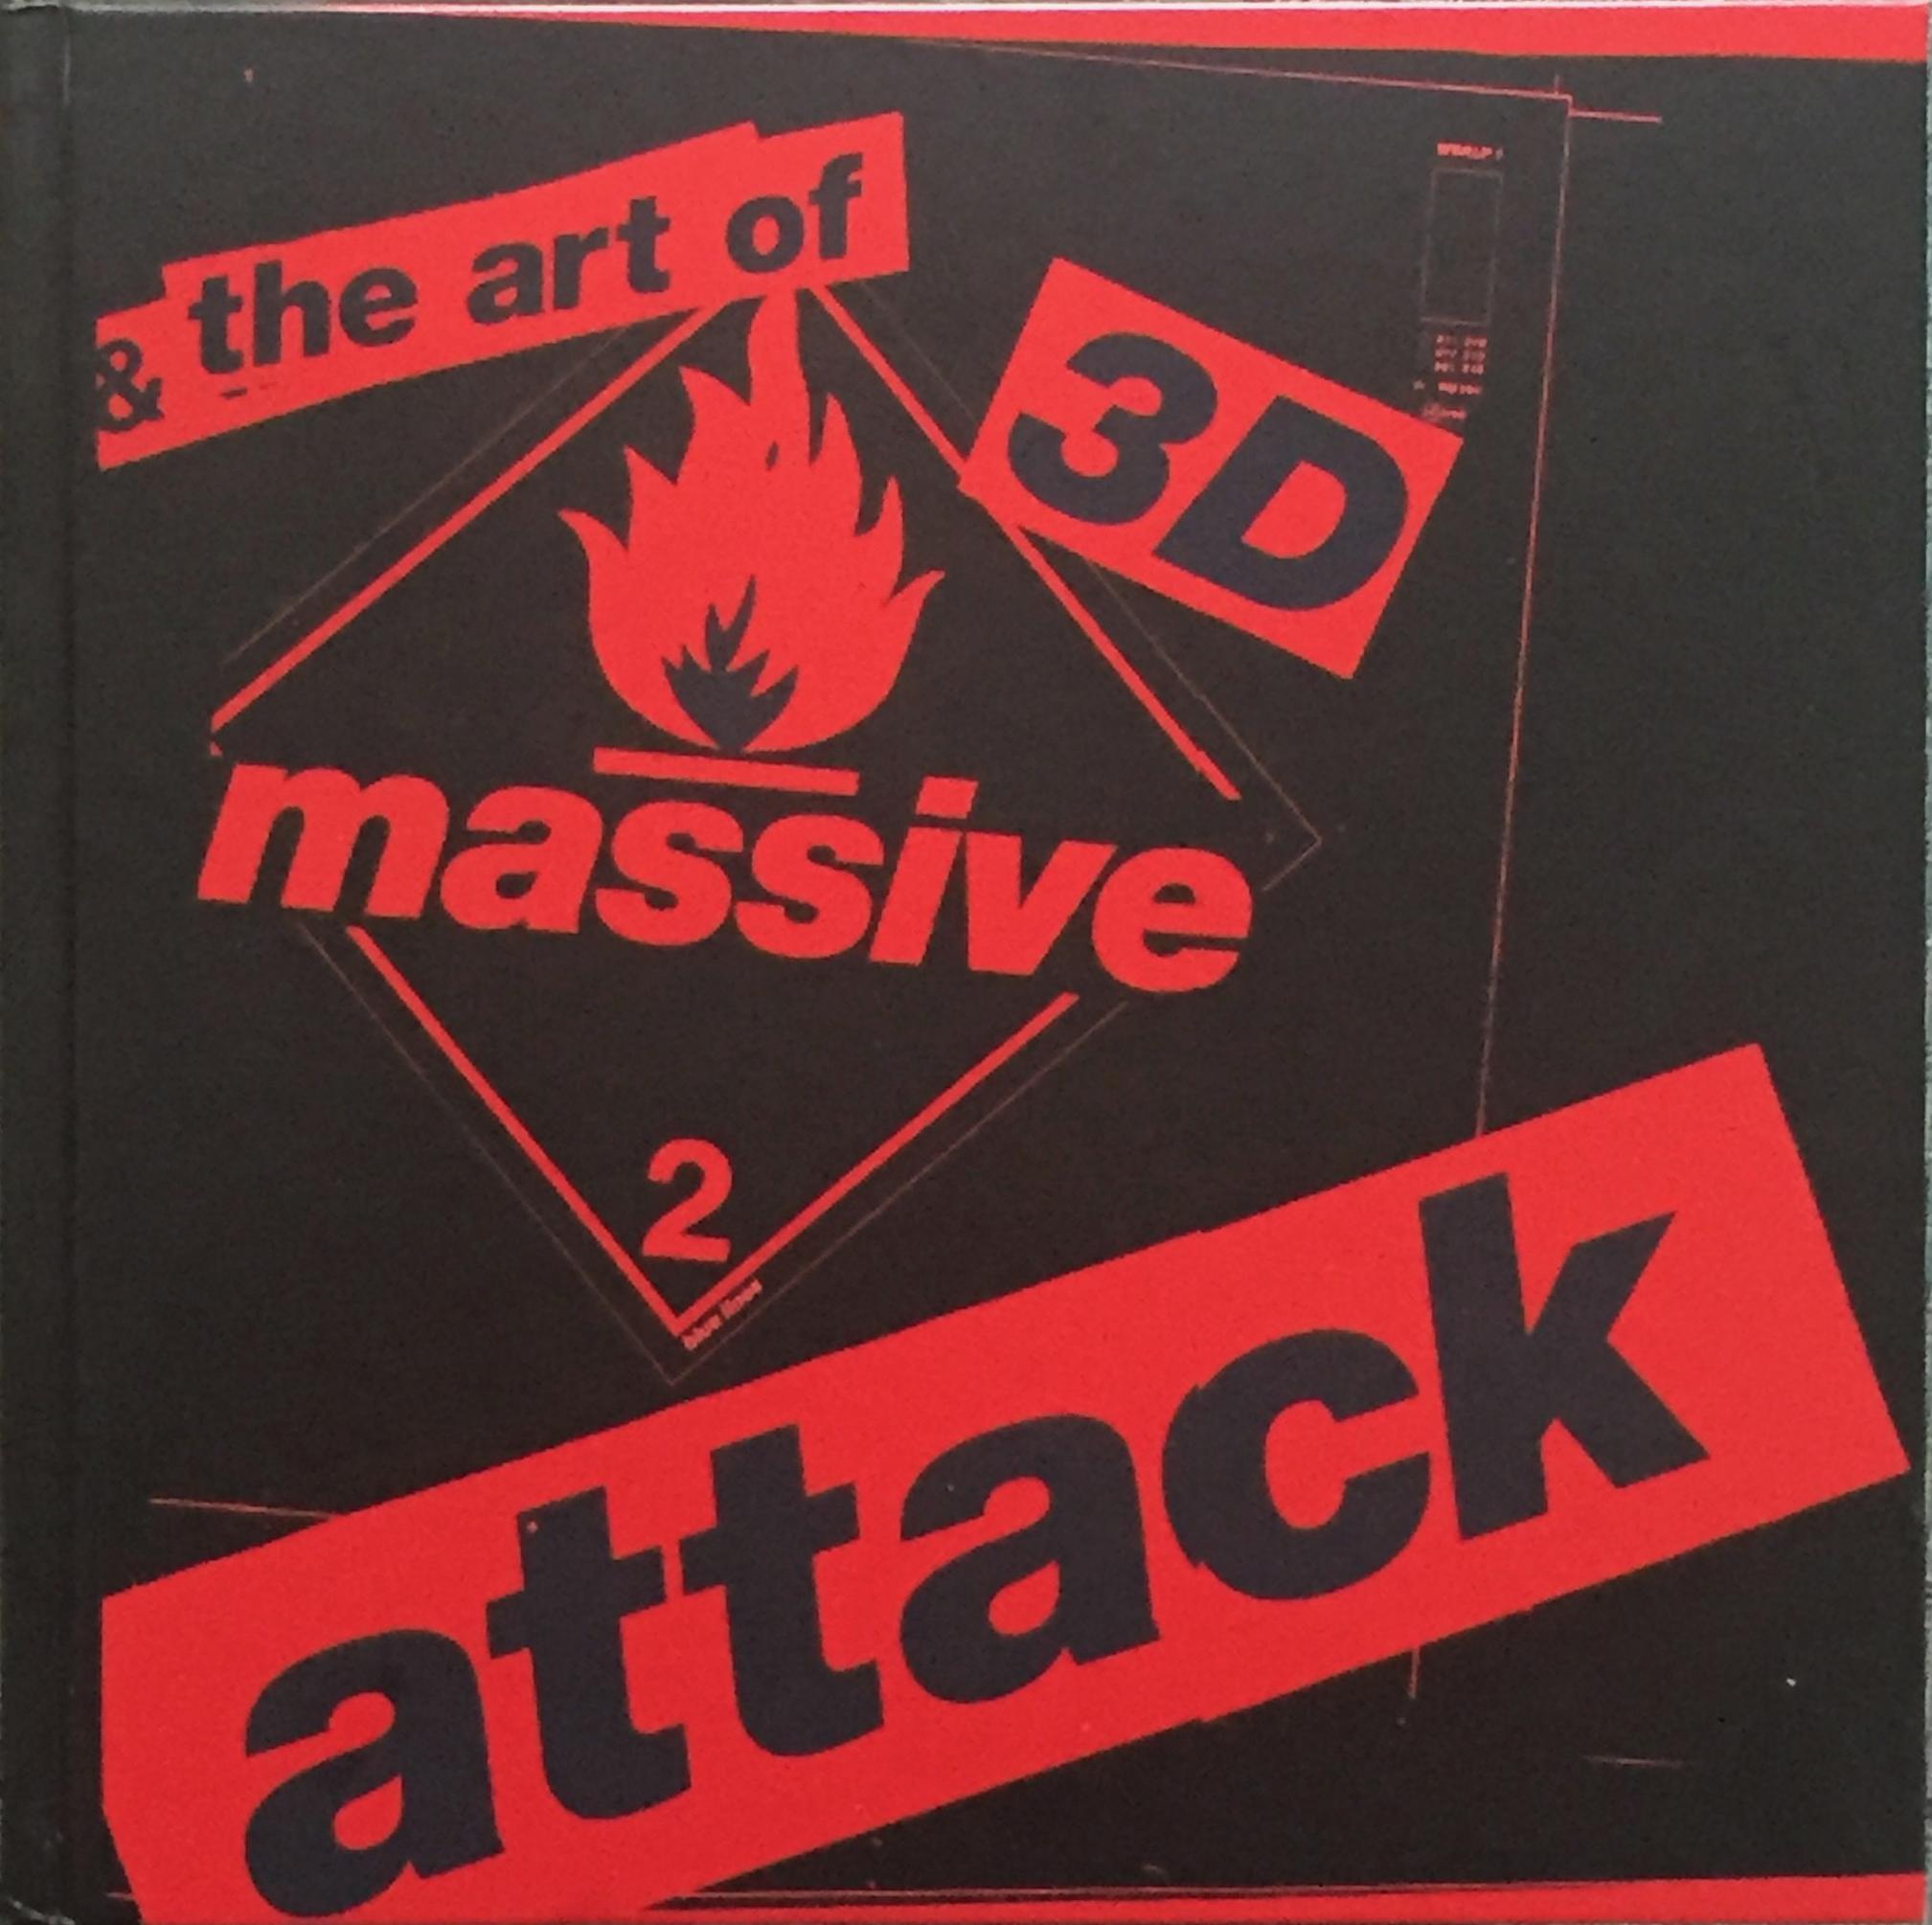 Art of 3D-fr